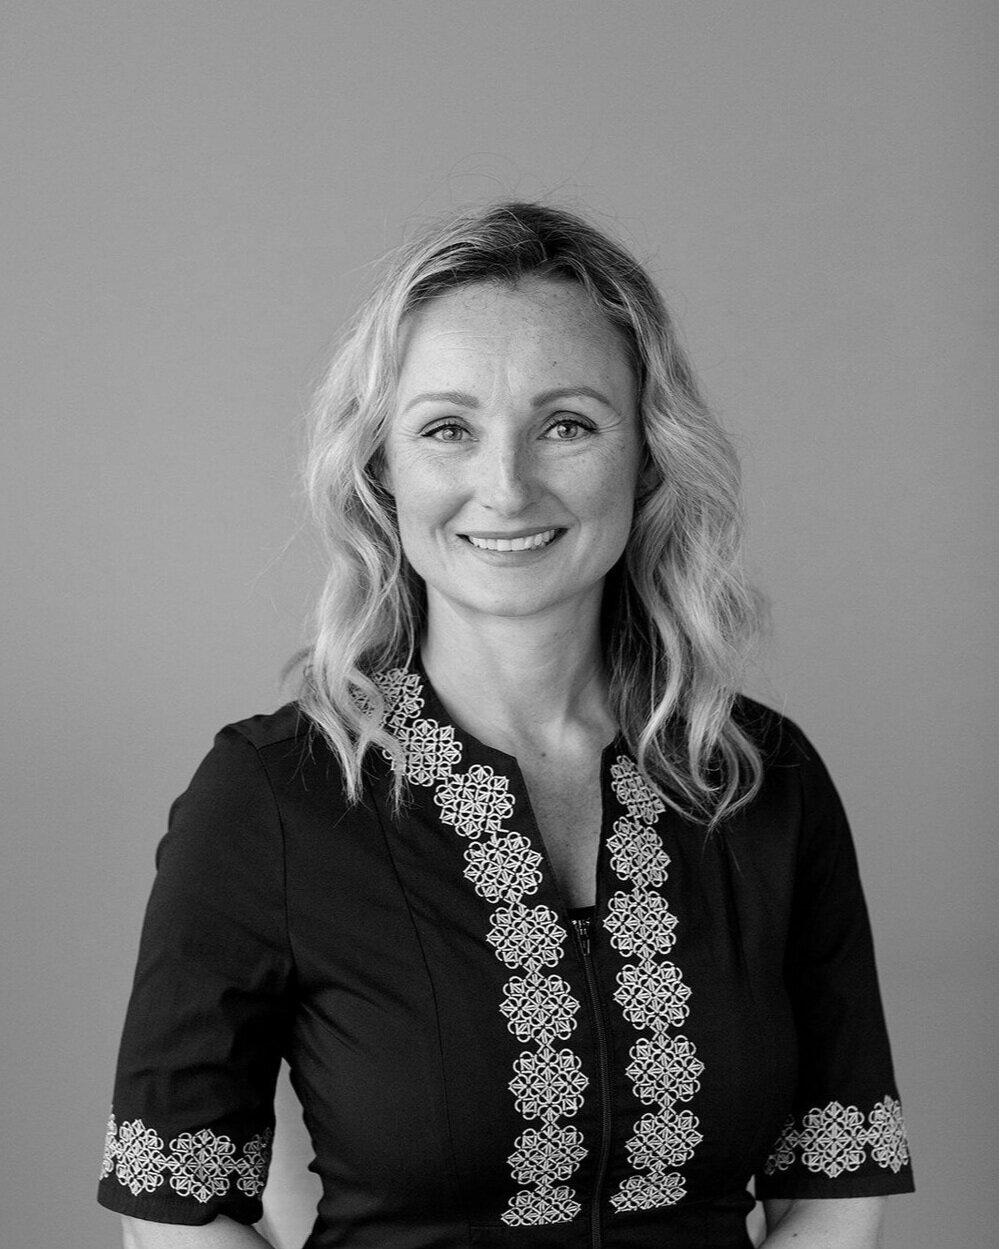 Rachelle Shor - Administrative Assistant